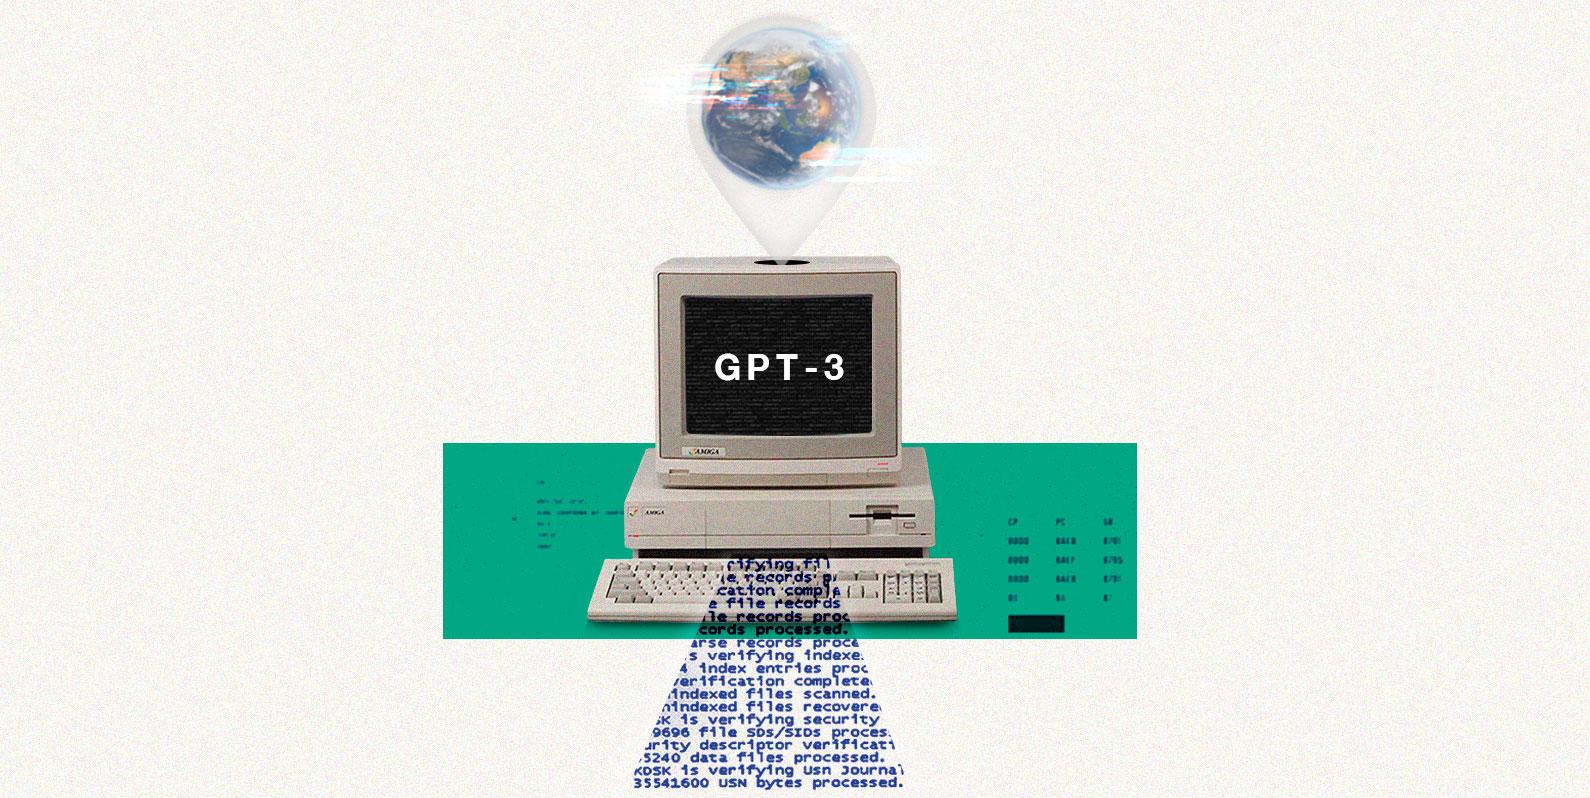 O GPT-3 e porque não estamos mais próximos da singularidade